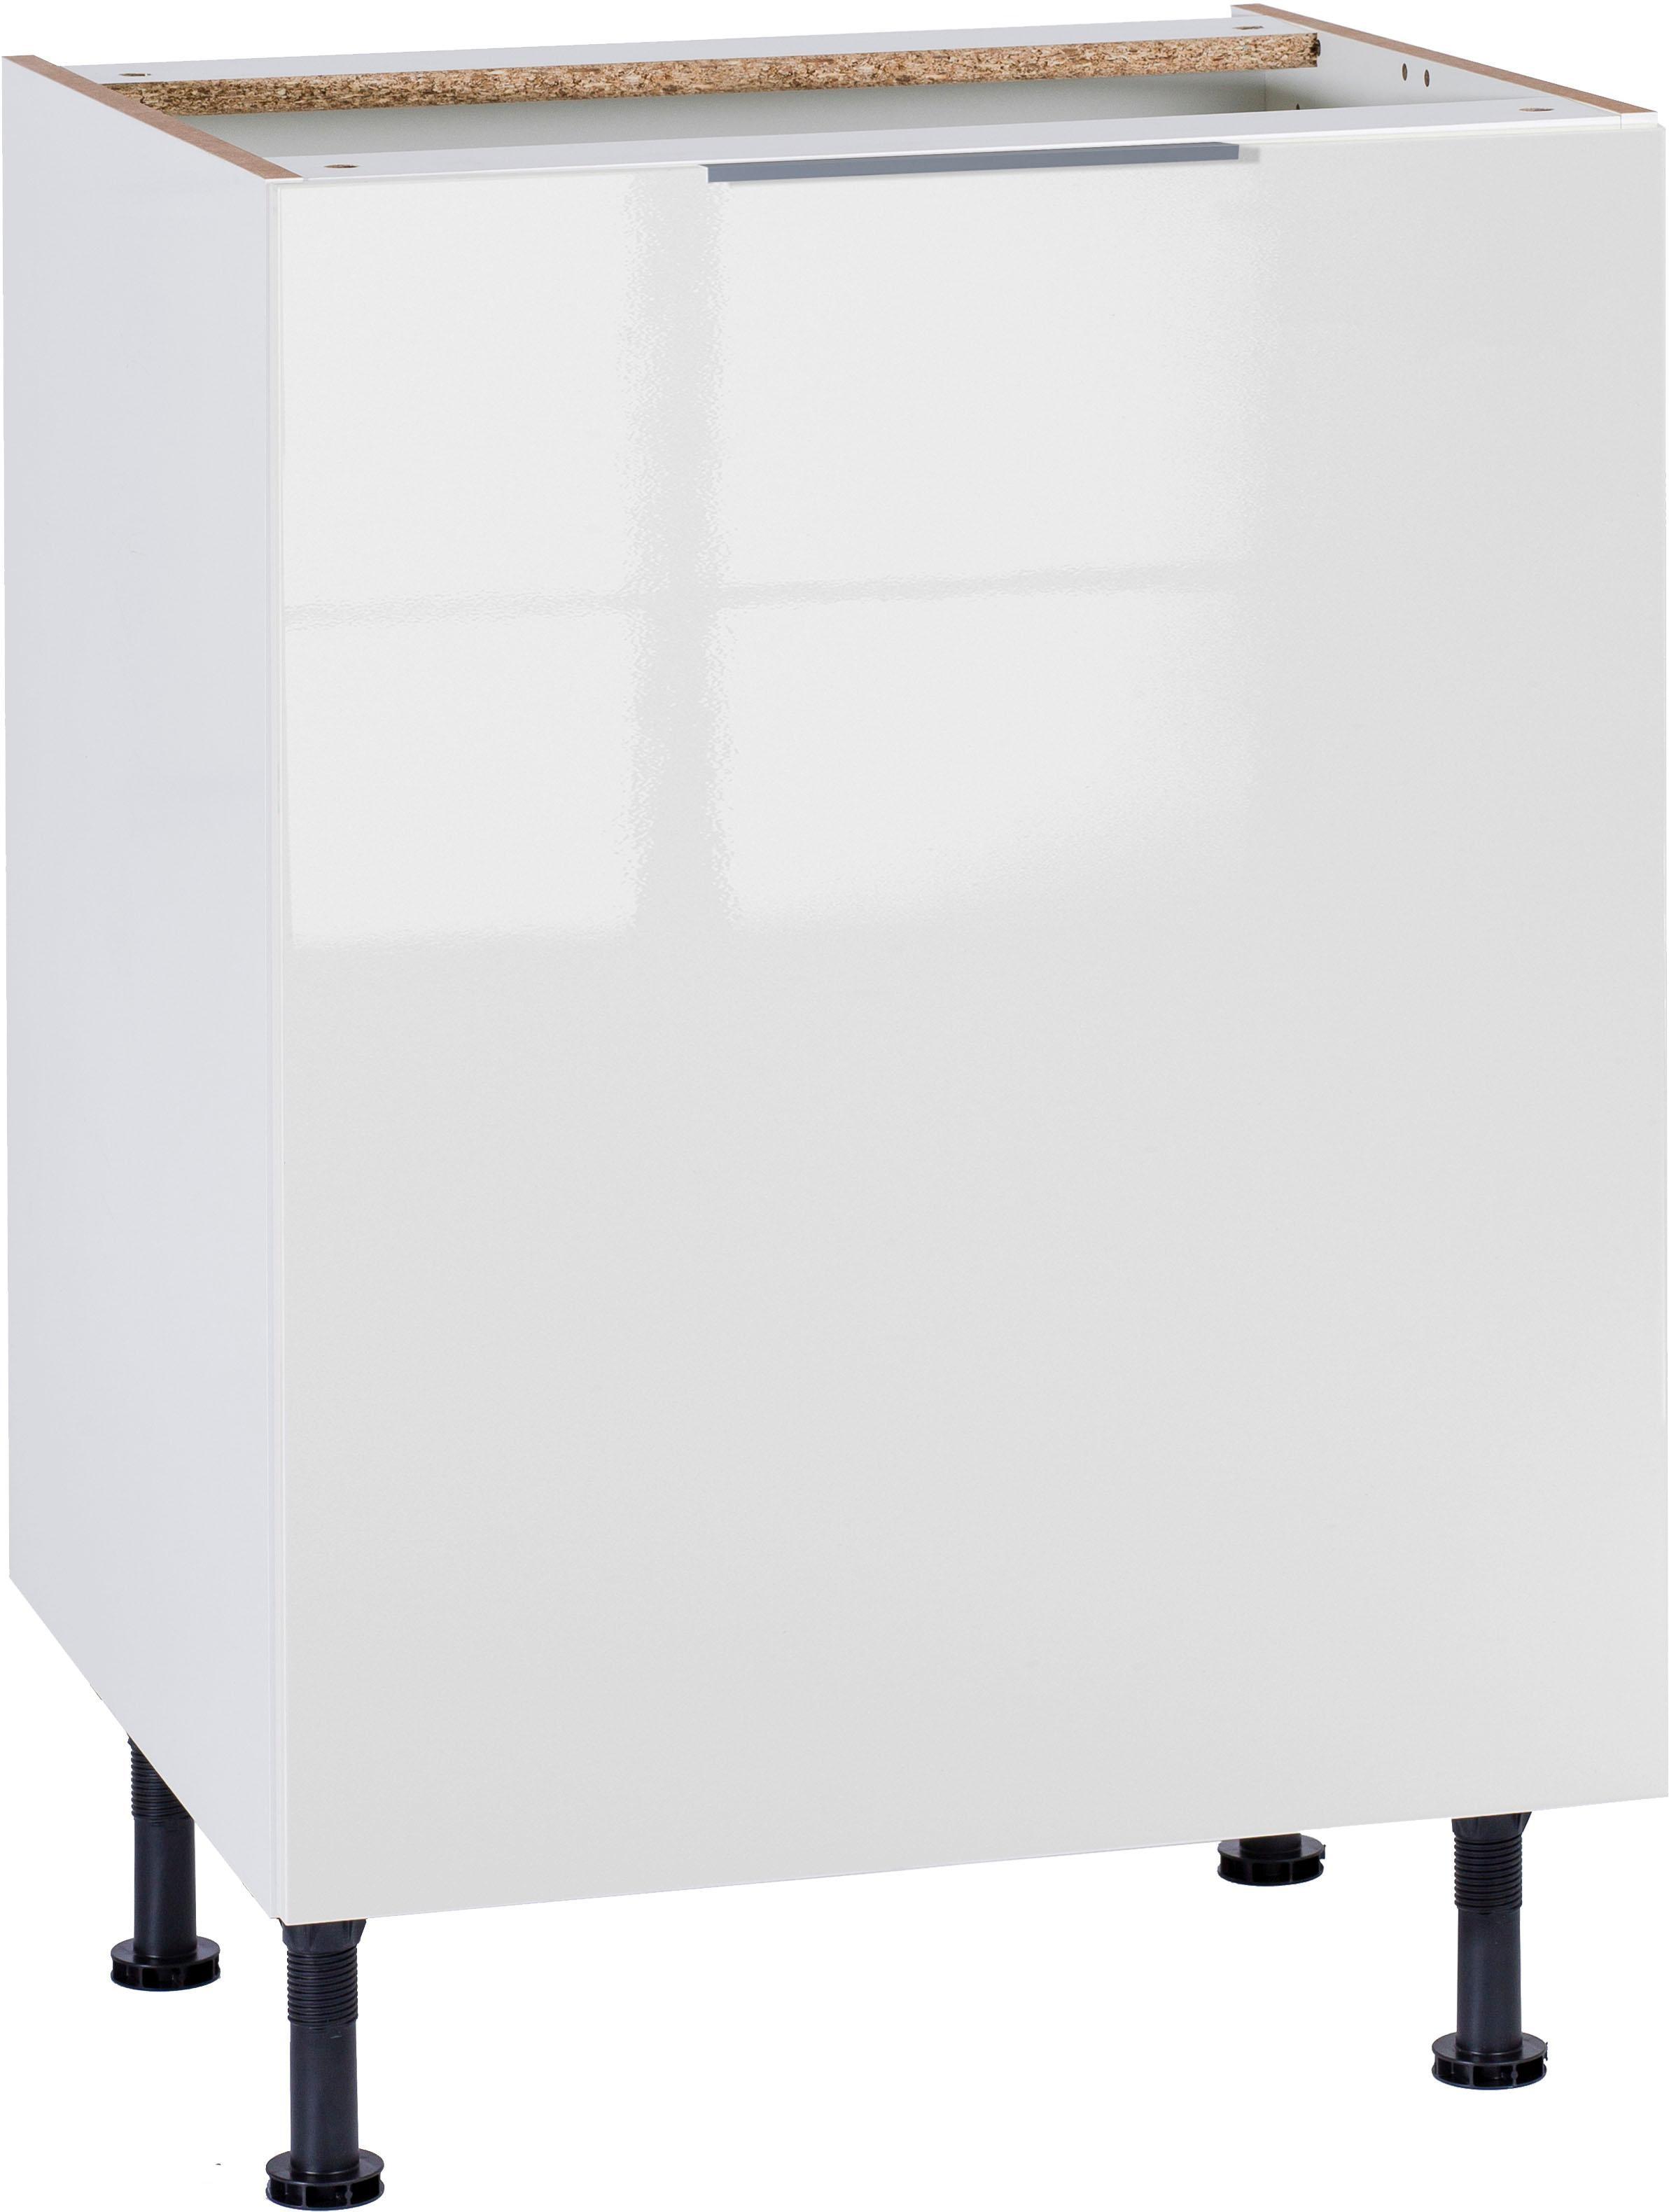 Unterschrank tara breite 60 cm unterschr nke optifit ebay for Optifit kuchenschranke